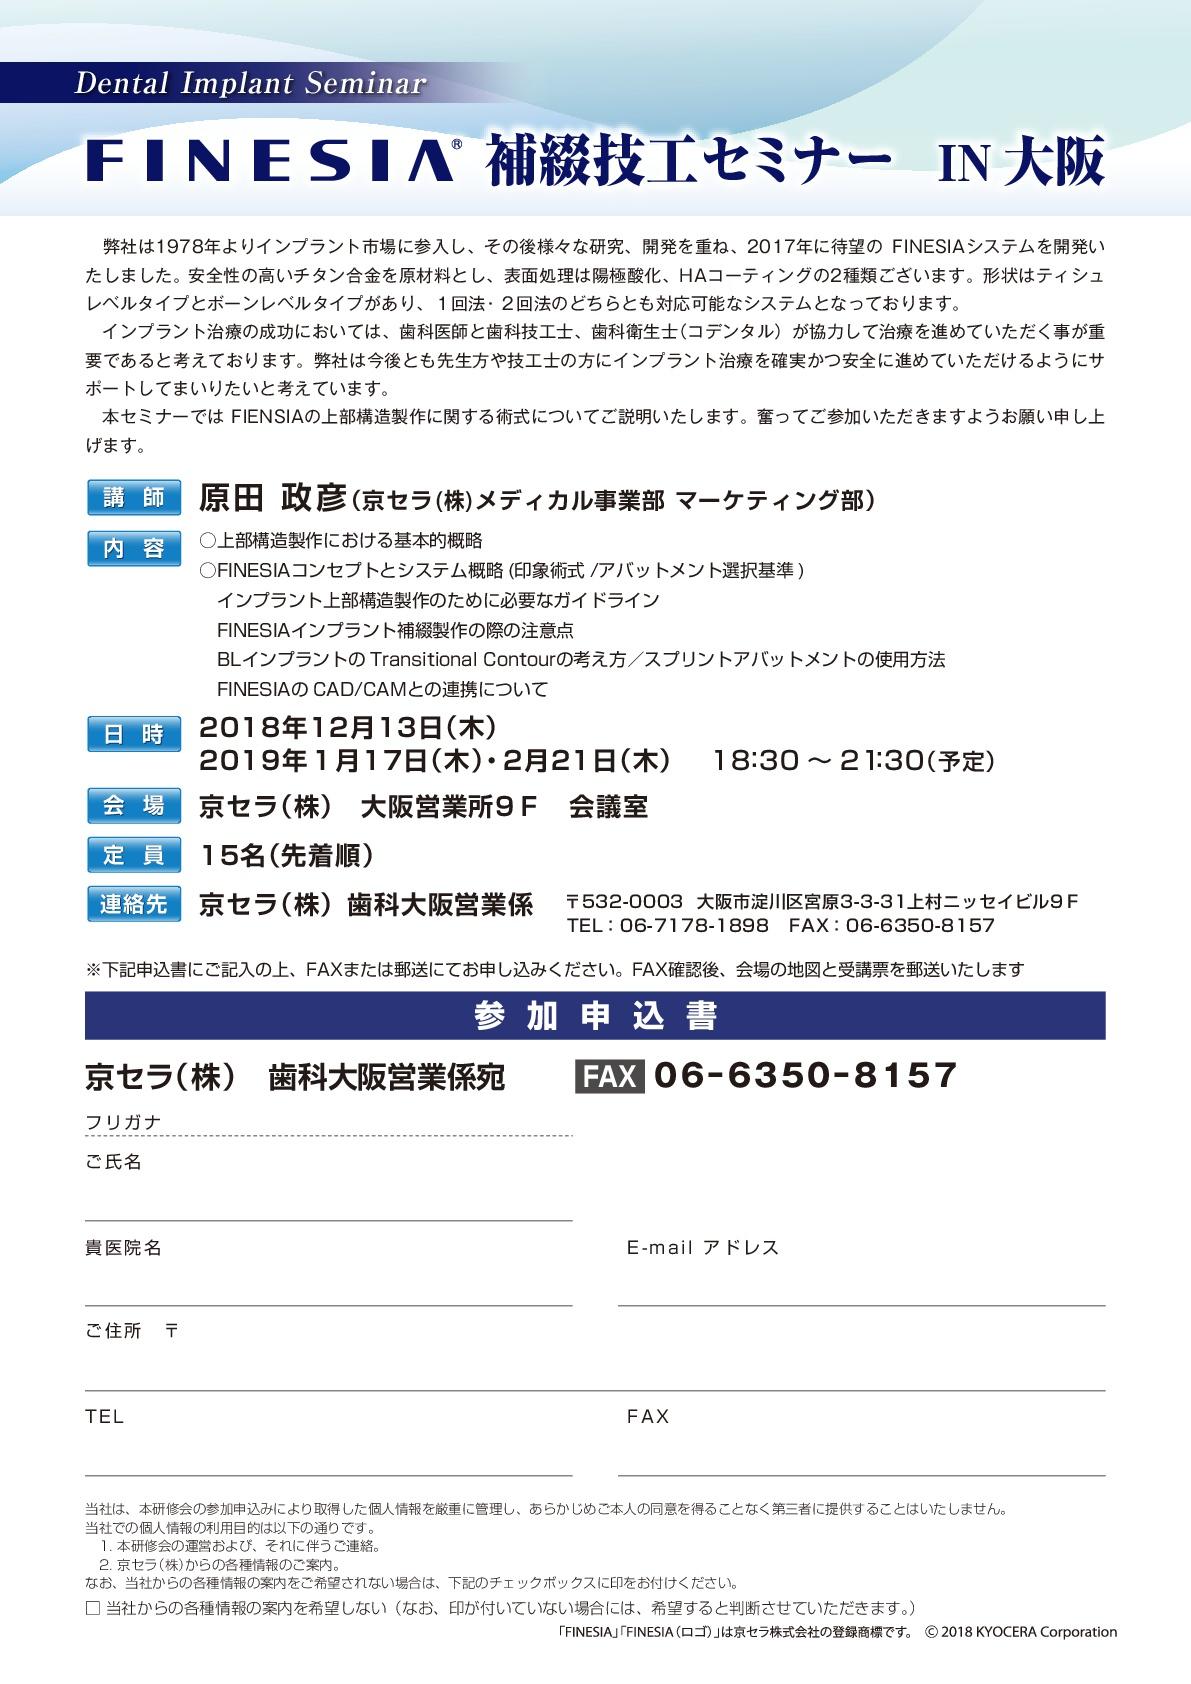 FINESIA 補綴技工セミナー IN 大阪